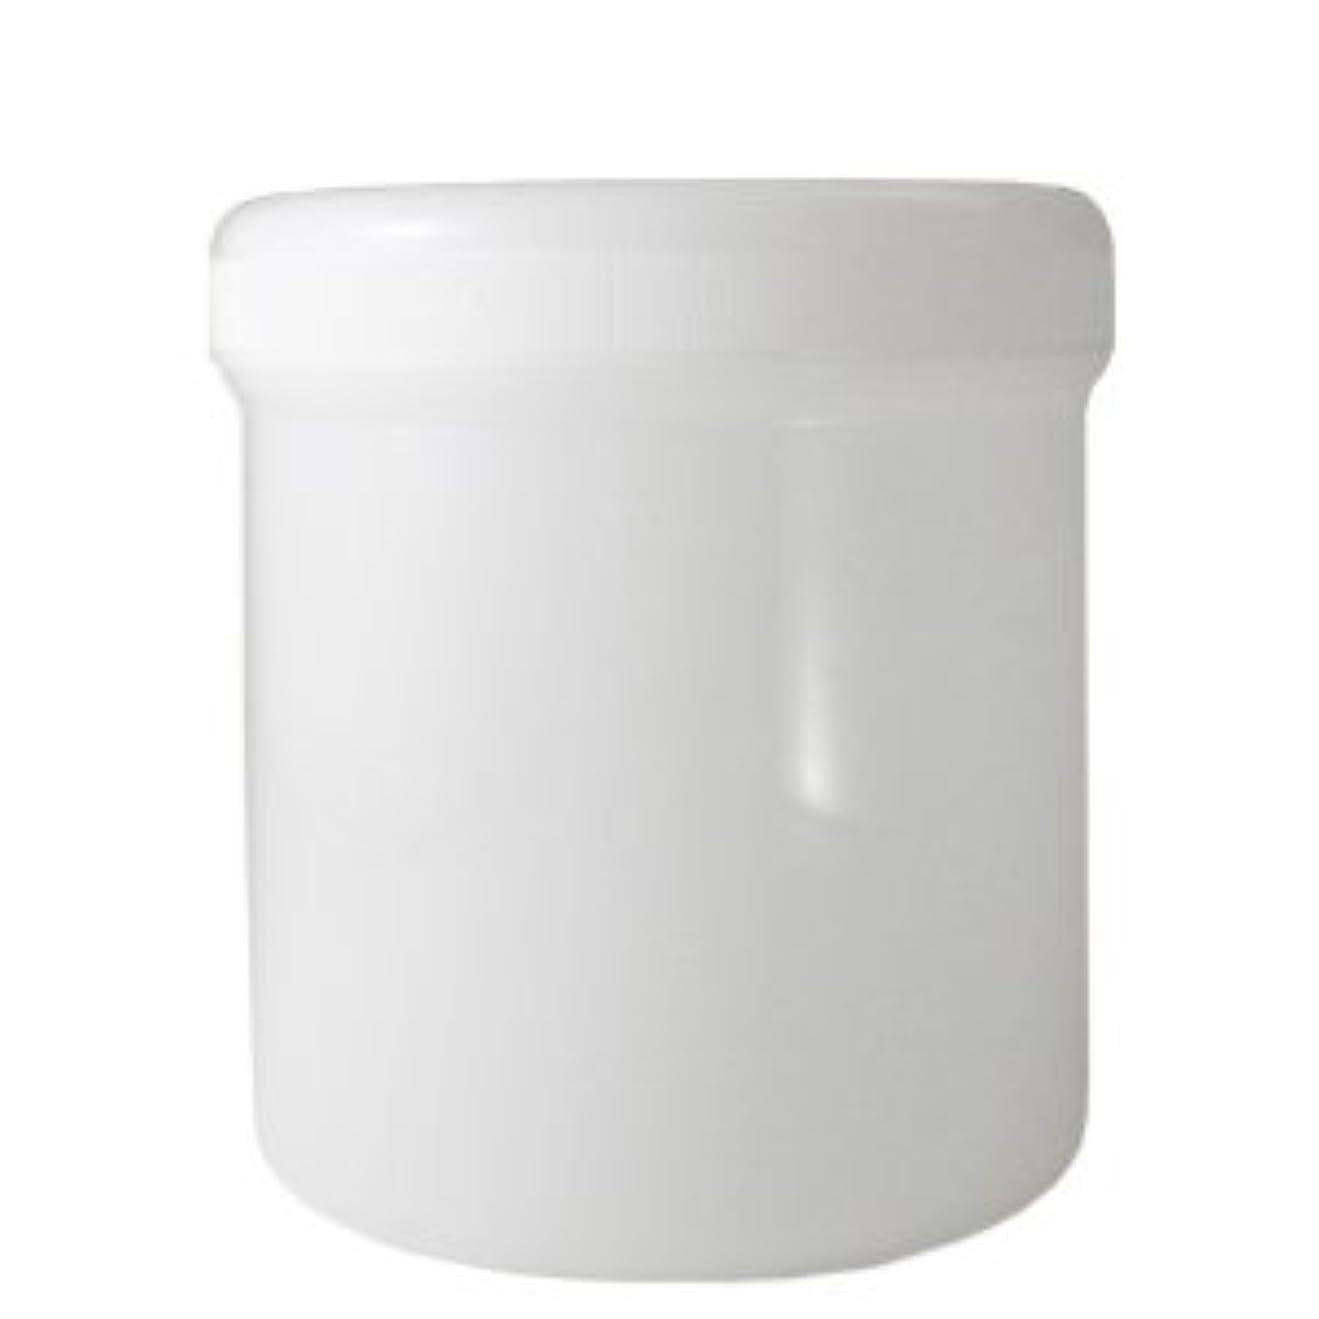 お香スタッフ面白いナンコー容器 (クリームジャー) 550ml 【手作り化粧品】